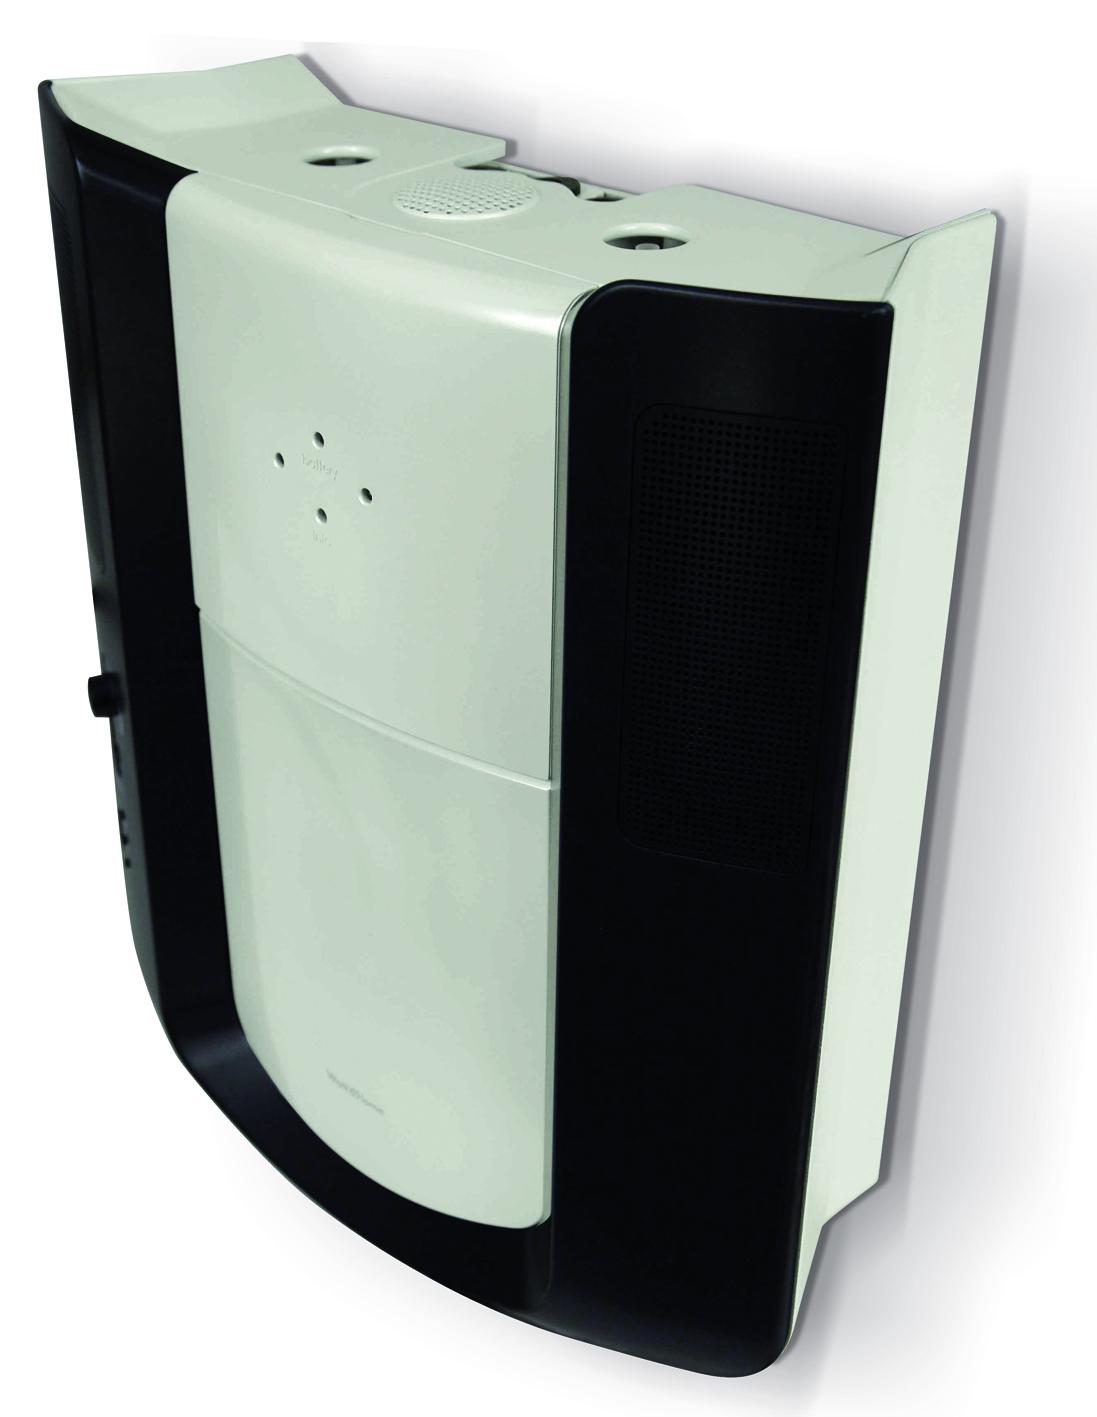 kit solaire site isol 120 watts watt et home sur le site. Black Bedroom Furniture Sets. Home Design Ideas